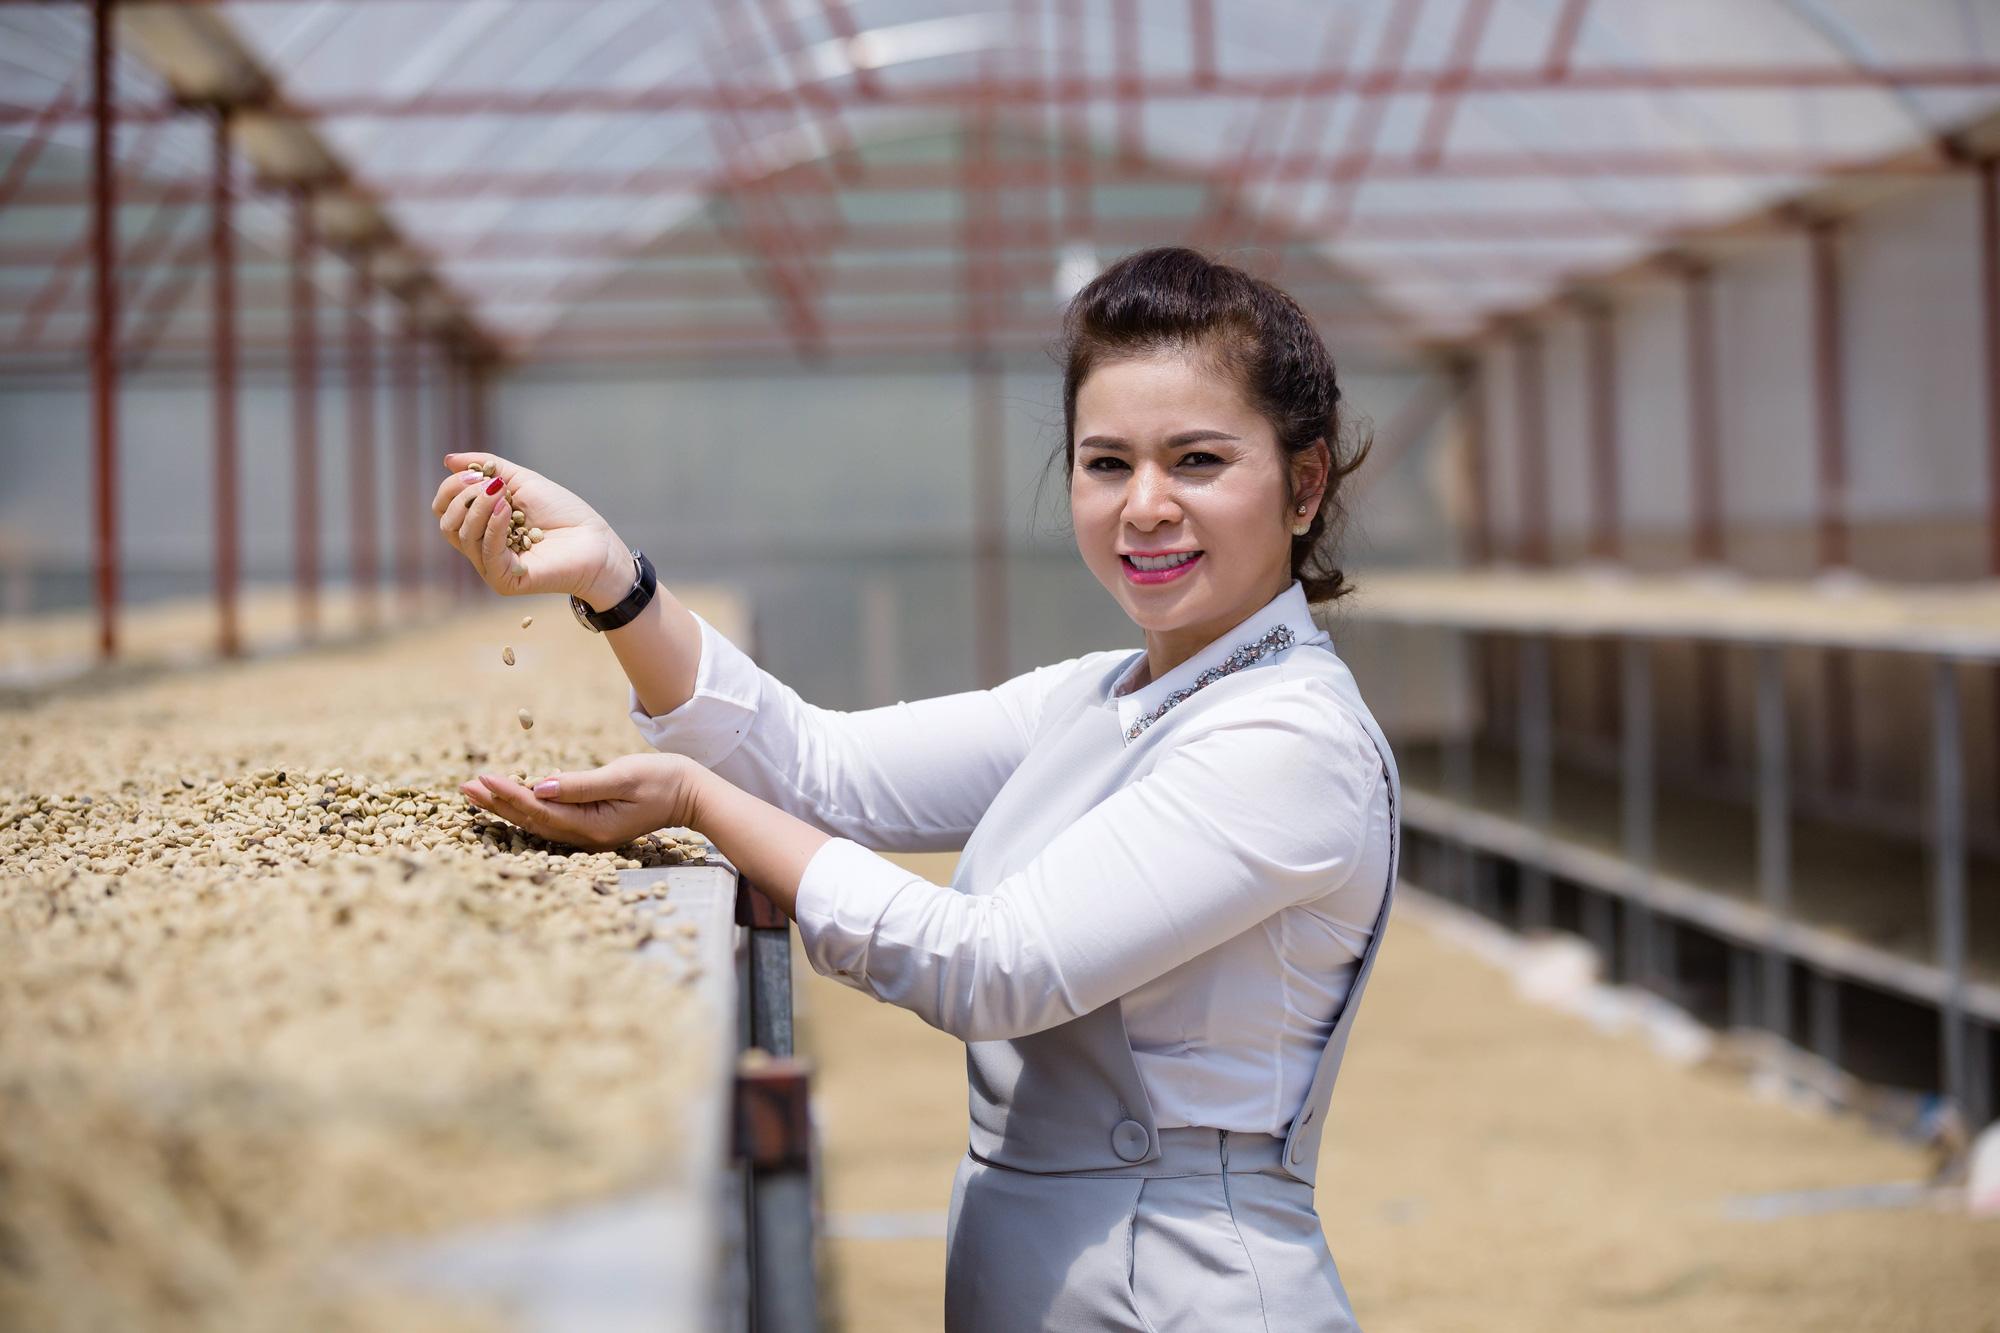 Bà Lê Hoàng Diệp Thảo công bố dự án Happy Farmers cầu nối liên kết với các nhà cung ứng của Việt Nam - Ảnh 1.